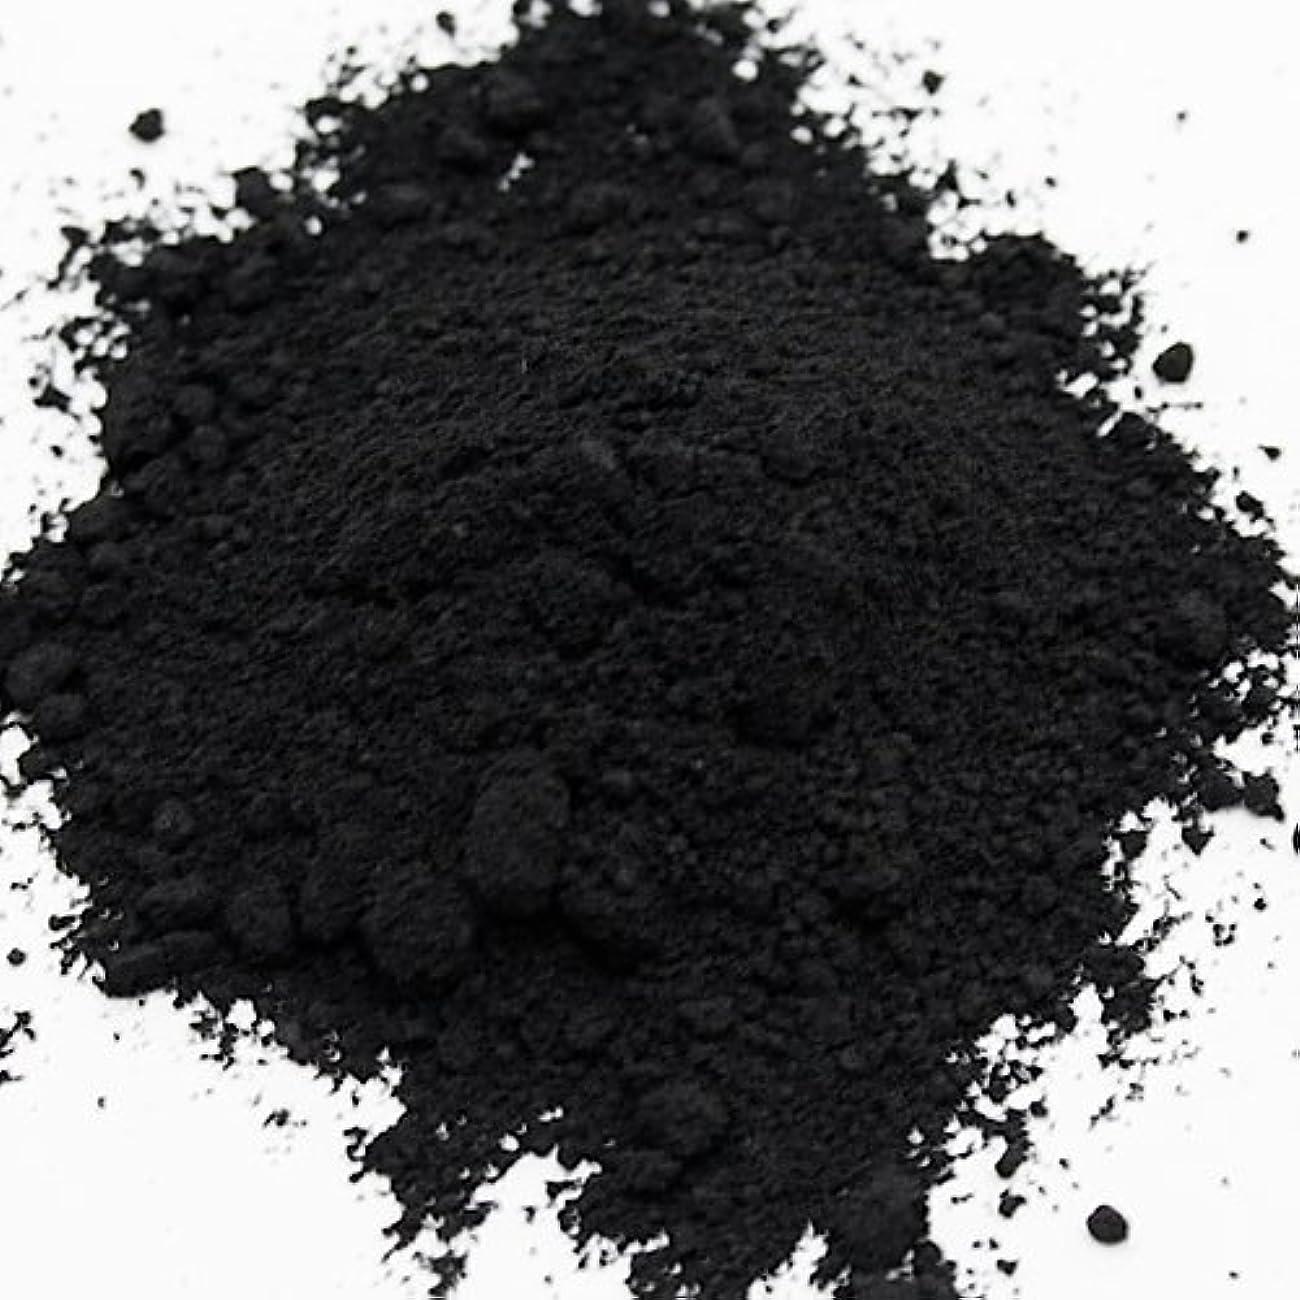 脇に包括的揺れる酸化鉄 ブラック 20g 【手作り石鹸/手作りコスメ/色付け/カラーラント/黒】